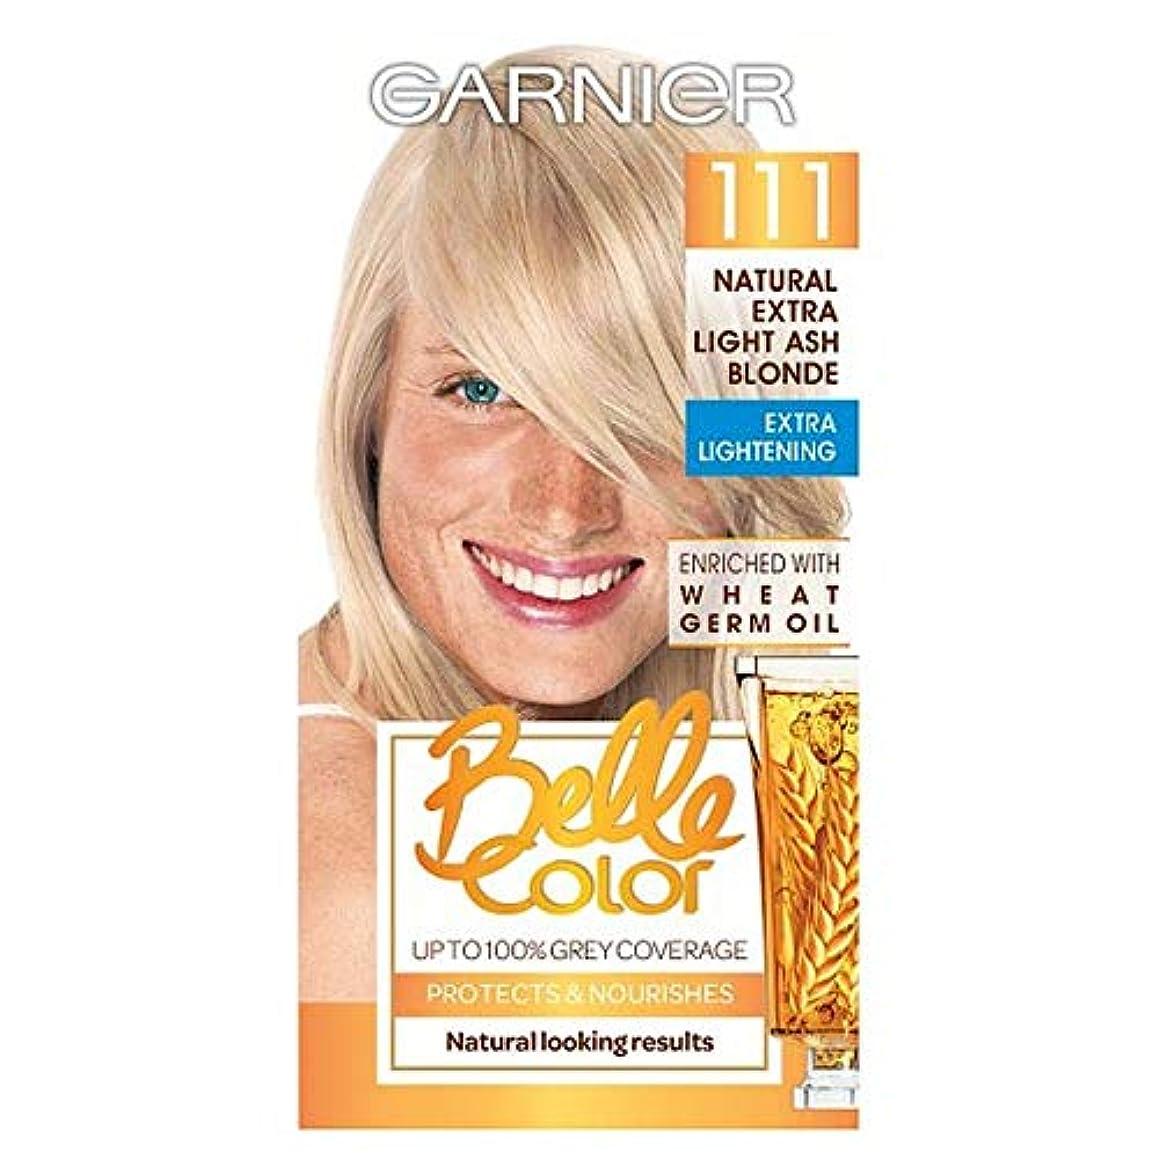 イースター関連付ける単独で[Belle Color ] ガーン/ベル/Clr 111余分な光灰ブロンドパーマネントヘアダイ - Garn/Bel/Clr 111 Extra Light Ash Blonde Permanent Hair Dye...